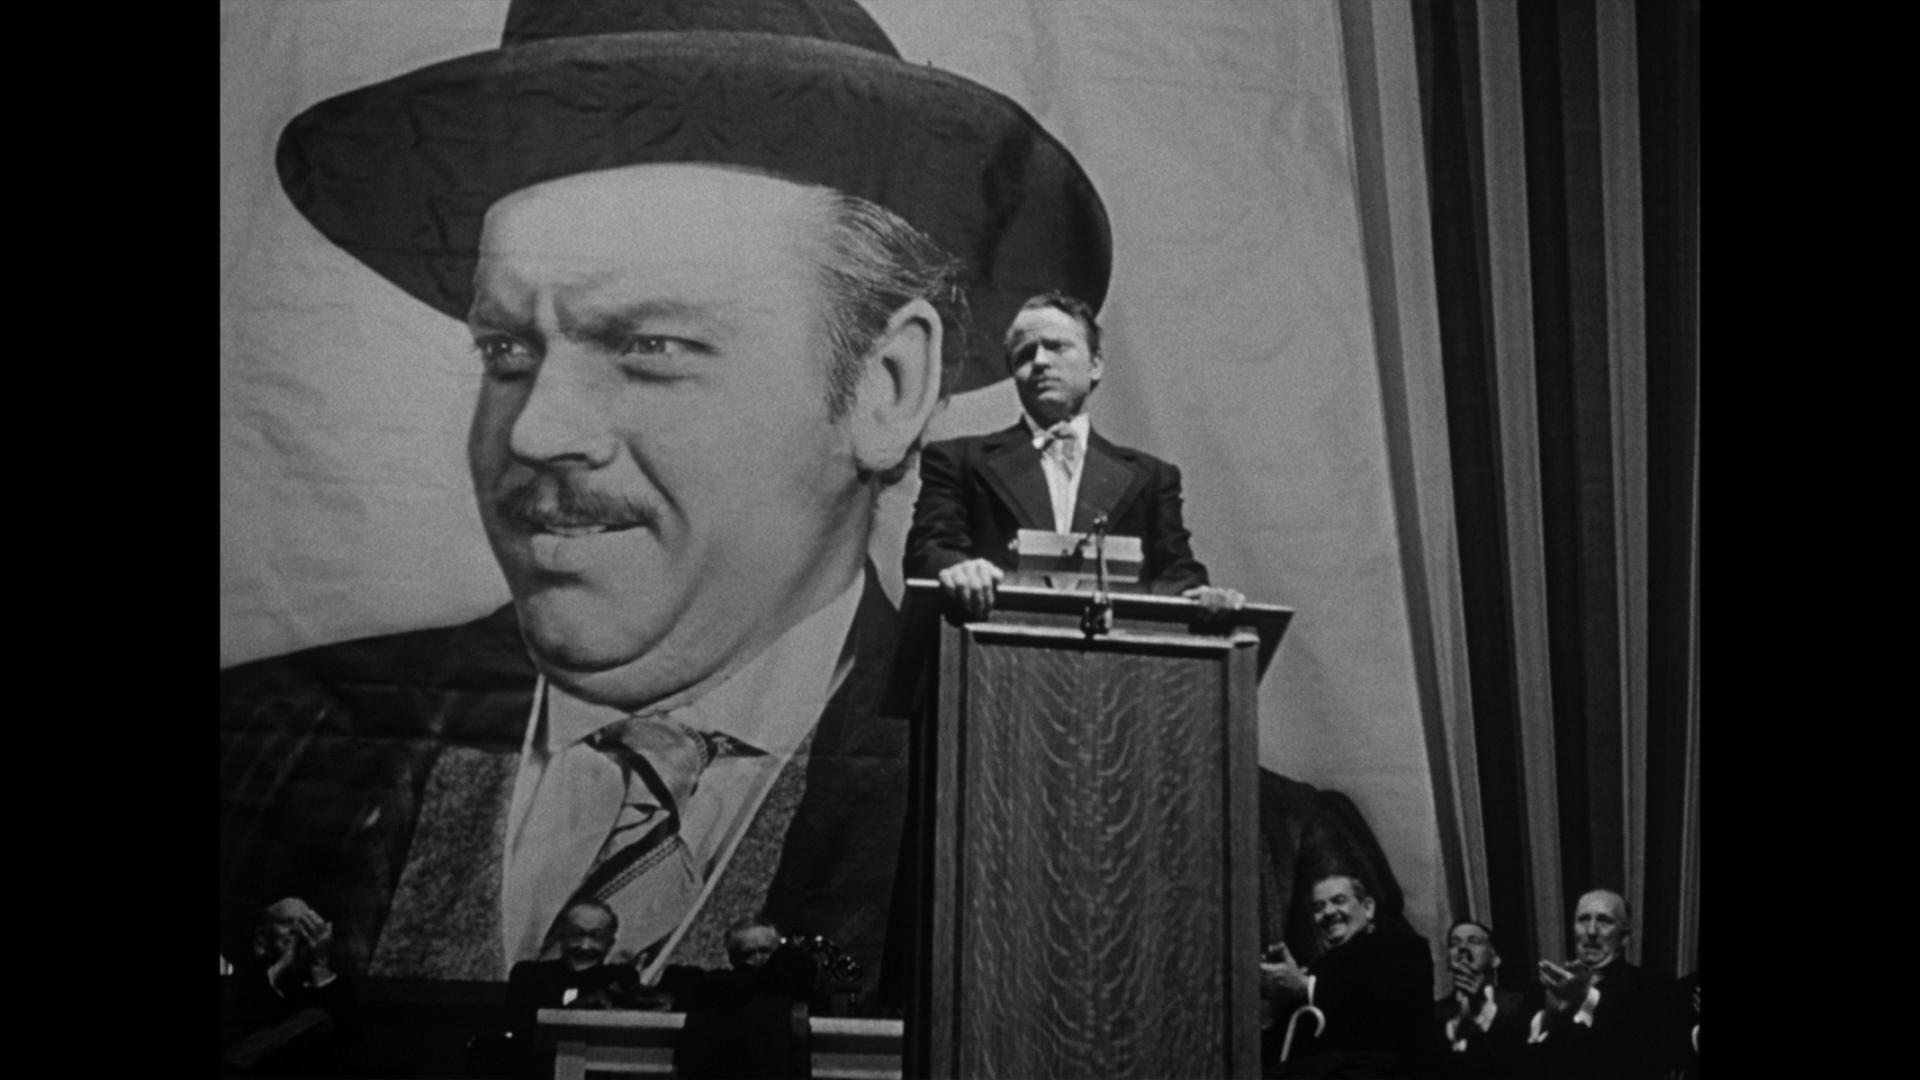 Vertoning 'Citizen Kane' in het kasteel van Hearst